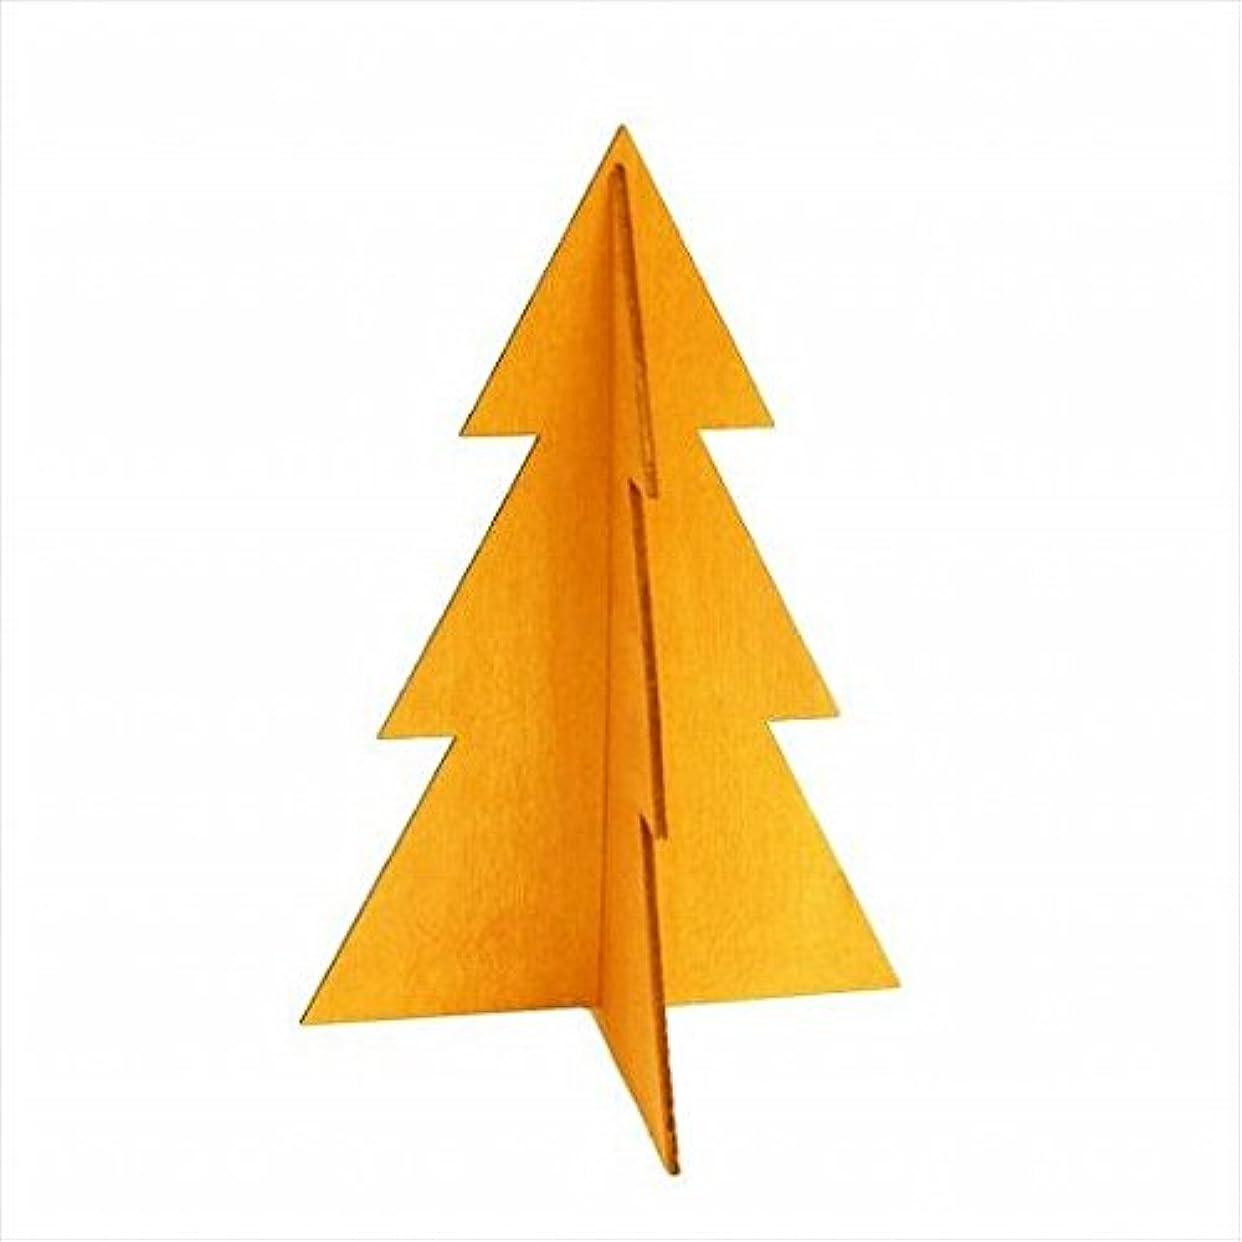 震えバインド悪夢kameyama candle(カメヤマキャンドル) フェスティブツリーM 「 オレンジ 」 キャンドル 144x144x210mm (I882243009)